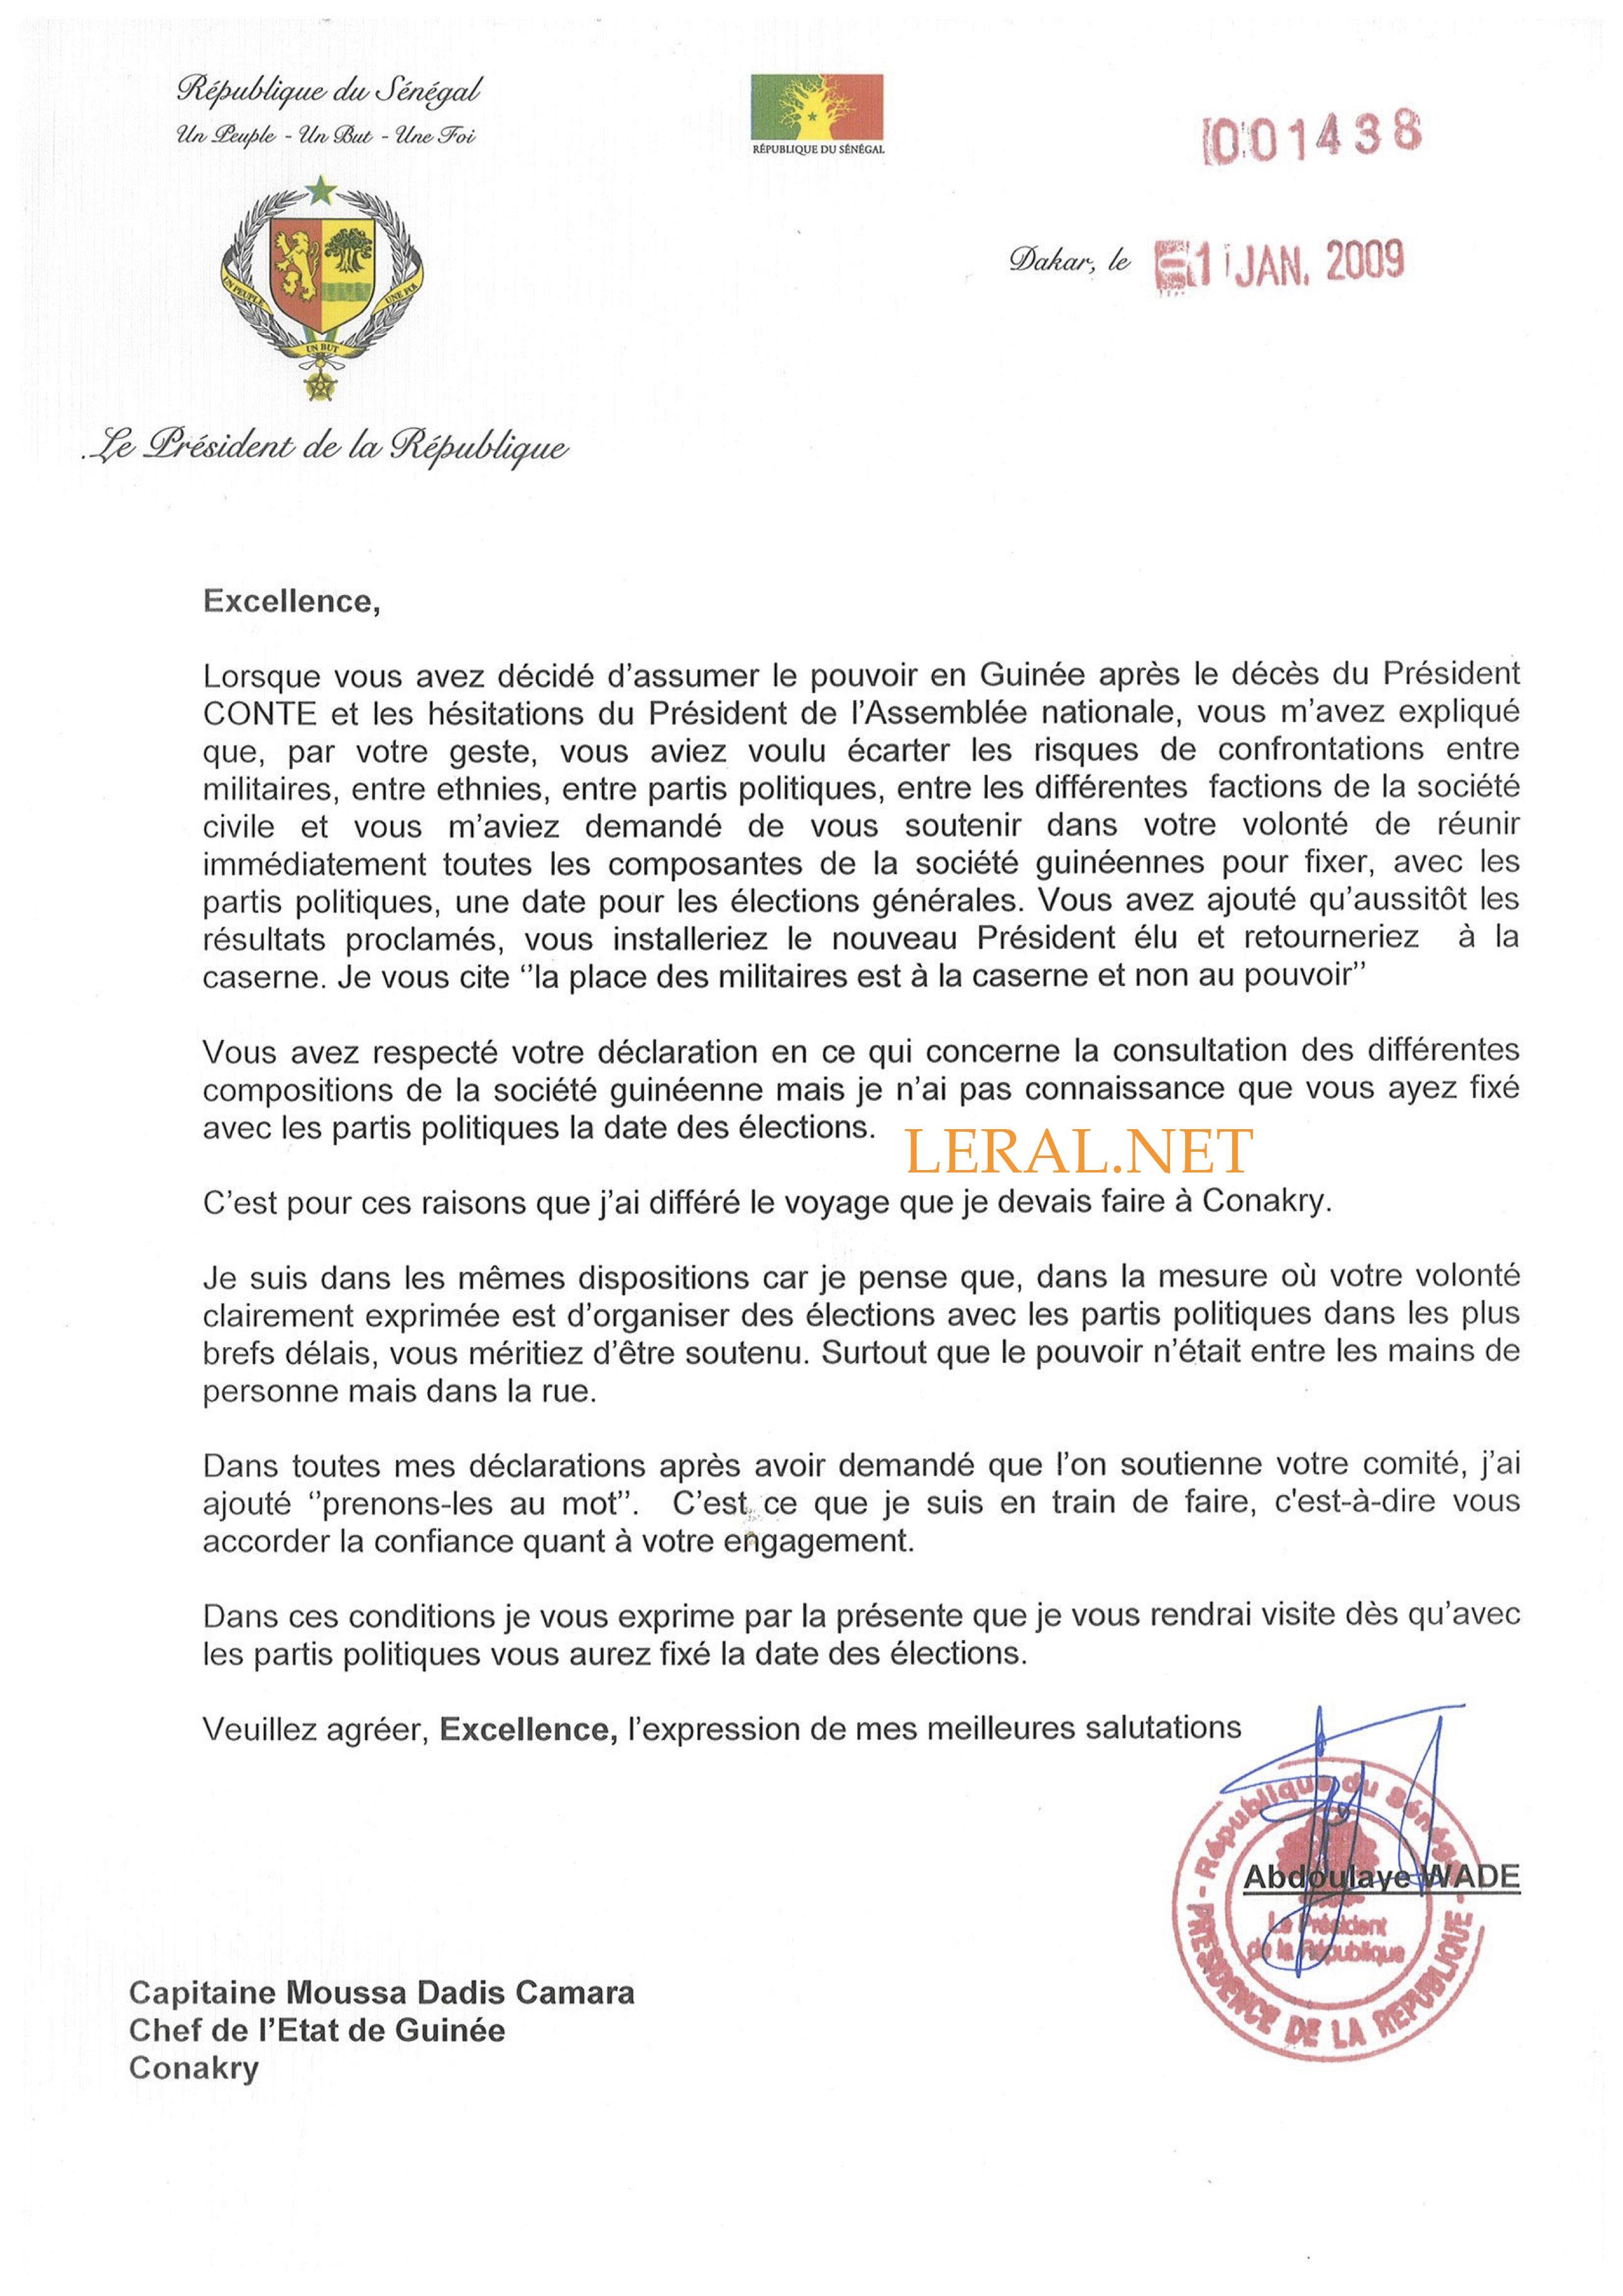 Eclairage de Ahmed Khalifa Niasse : Wade a toujours demandé à Moussa Dadis Camara d'organiser les élections et de partir (Document)